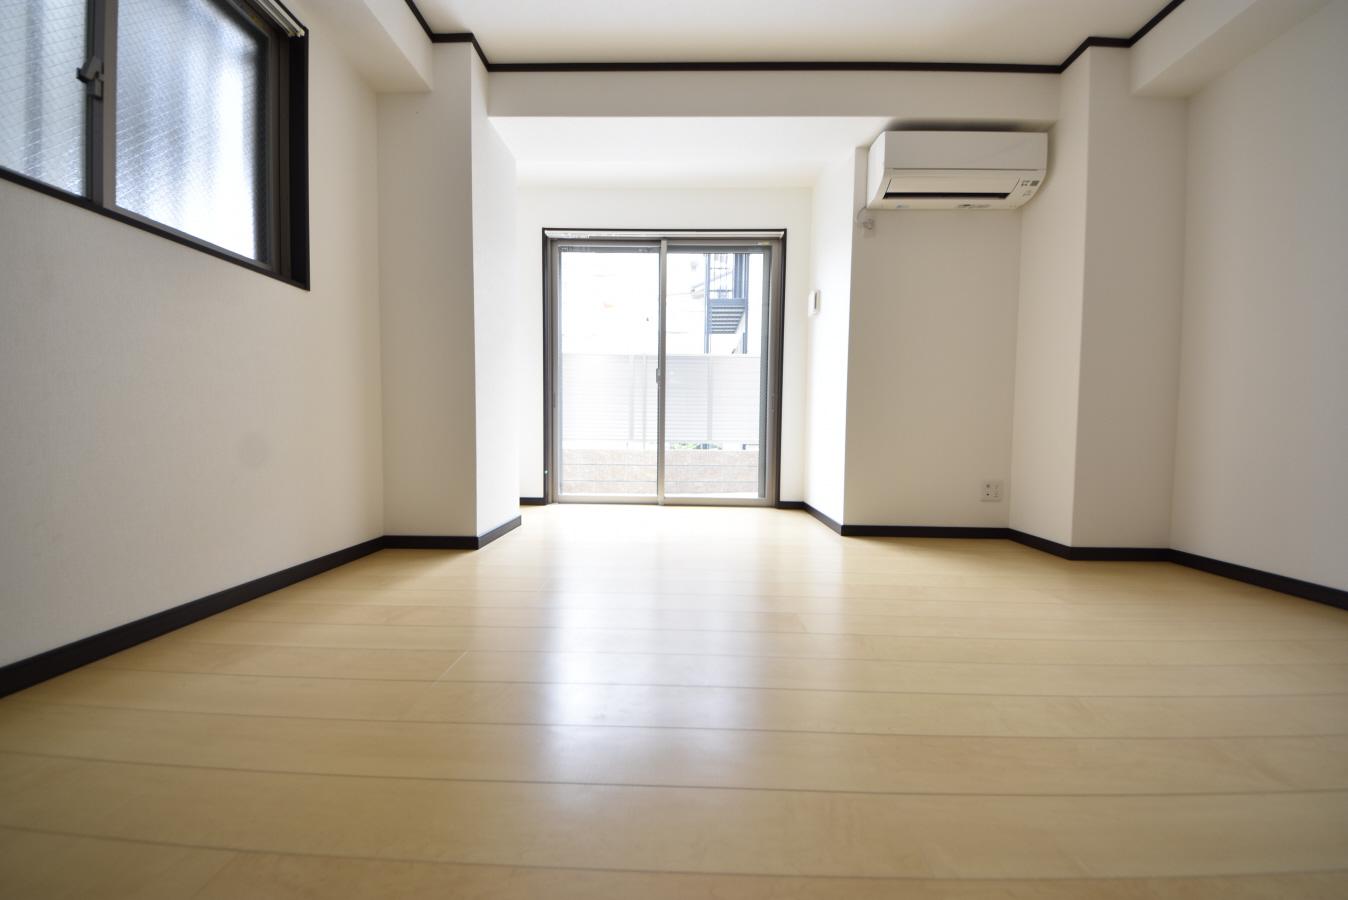 物件番号: 1025883788 宝ビル  神戸市中央区日暮通1丁目 2LDK マンション 画像19